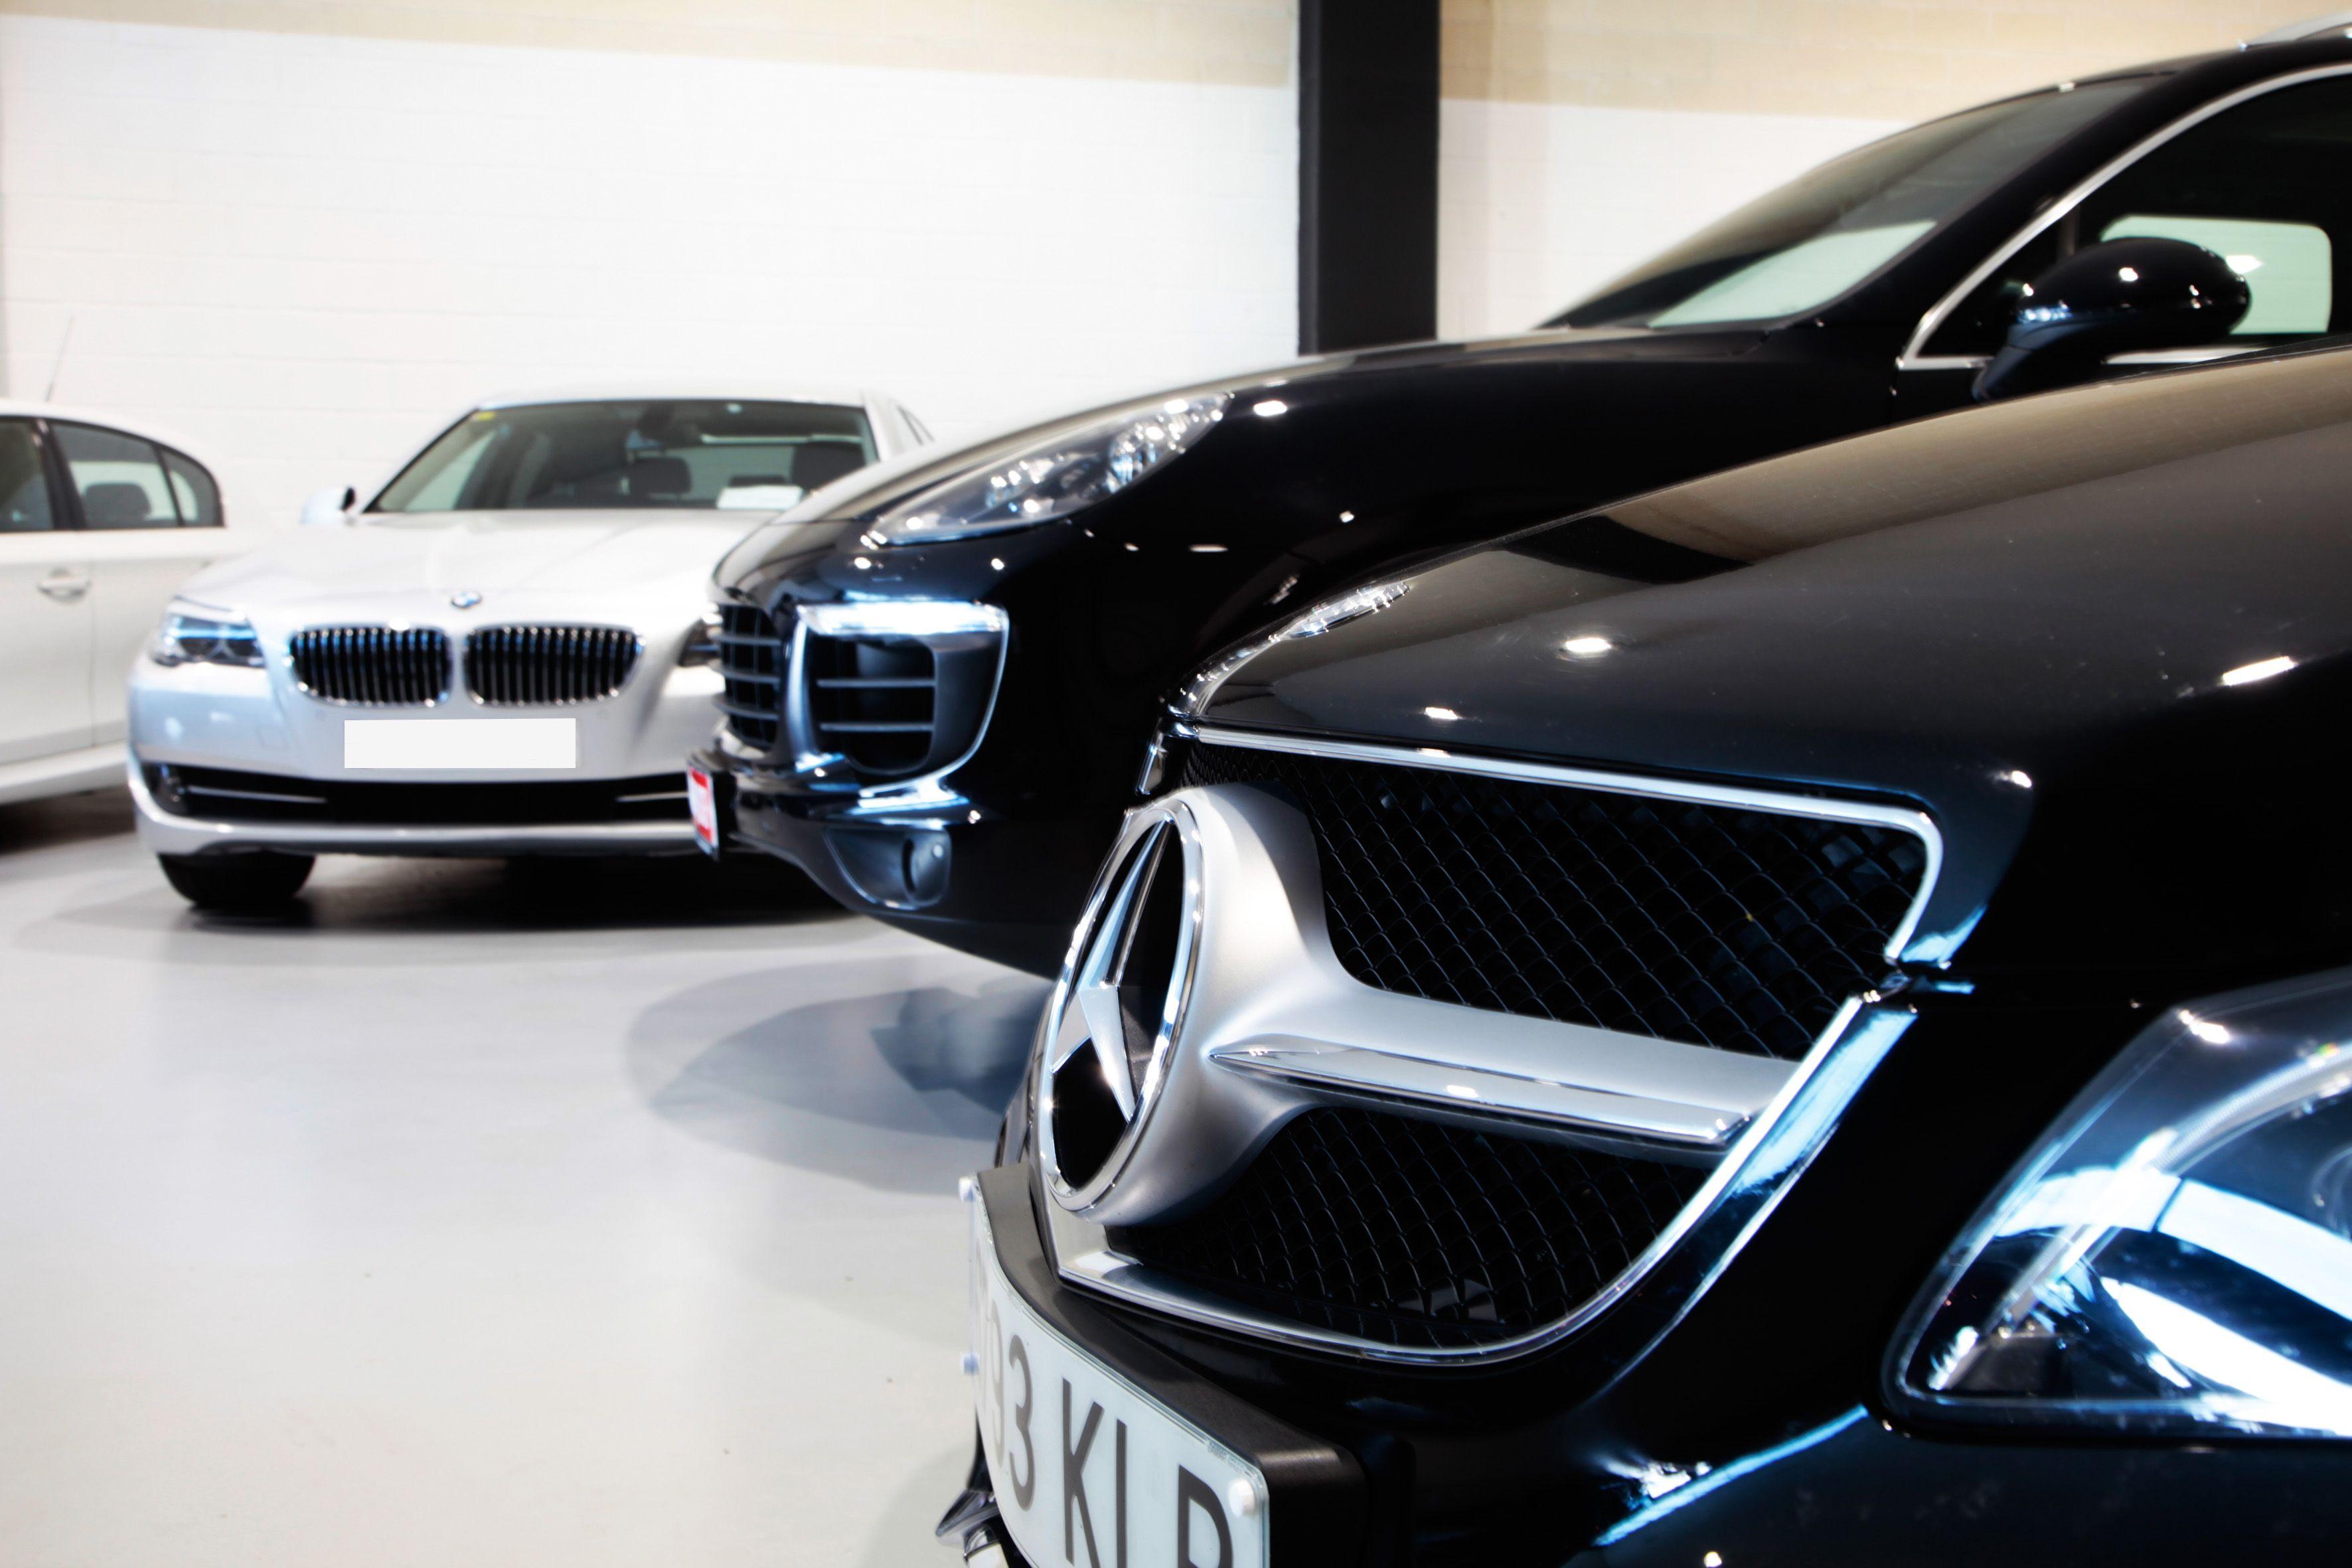 Venta de vehículos de marcas tan prestigiosas como Audi